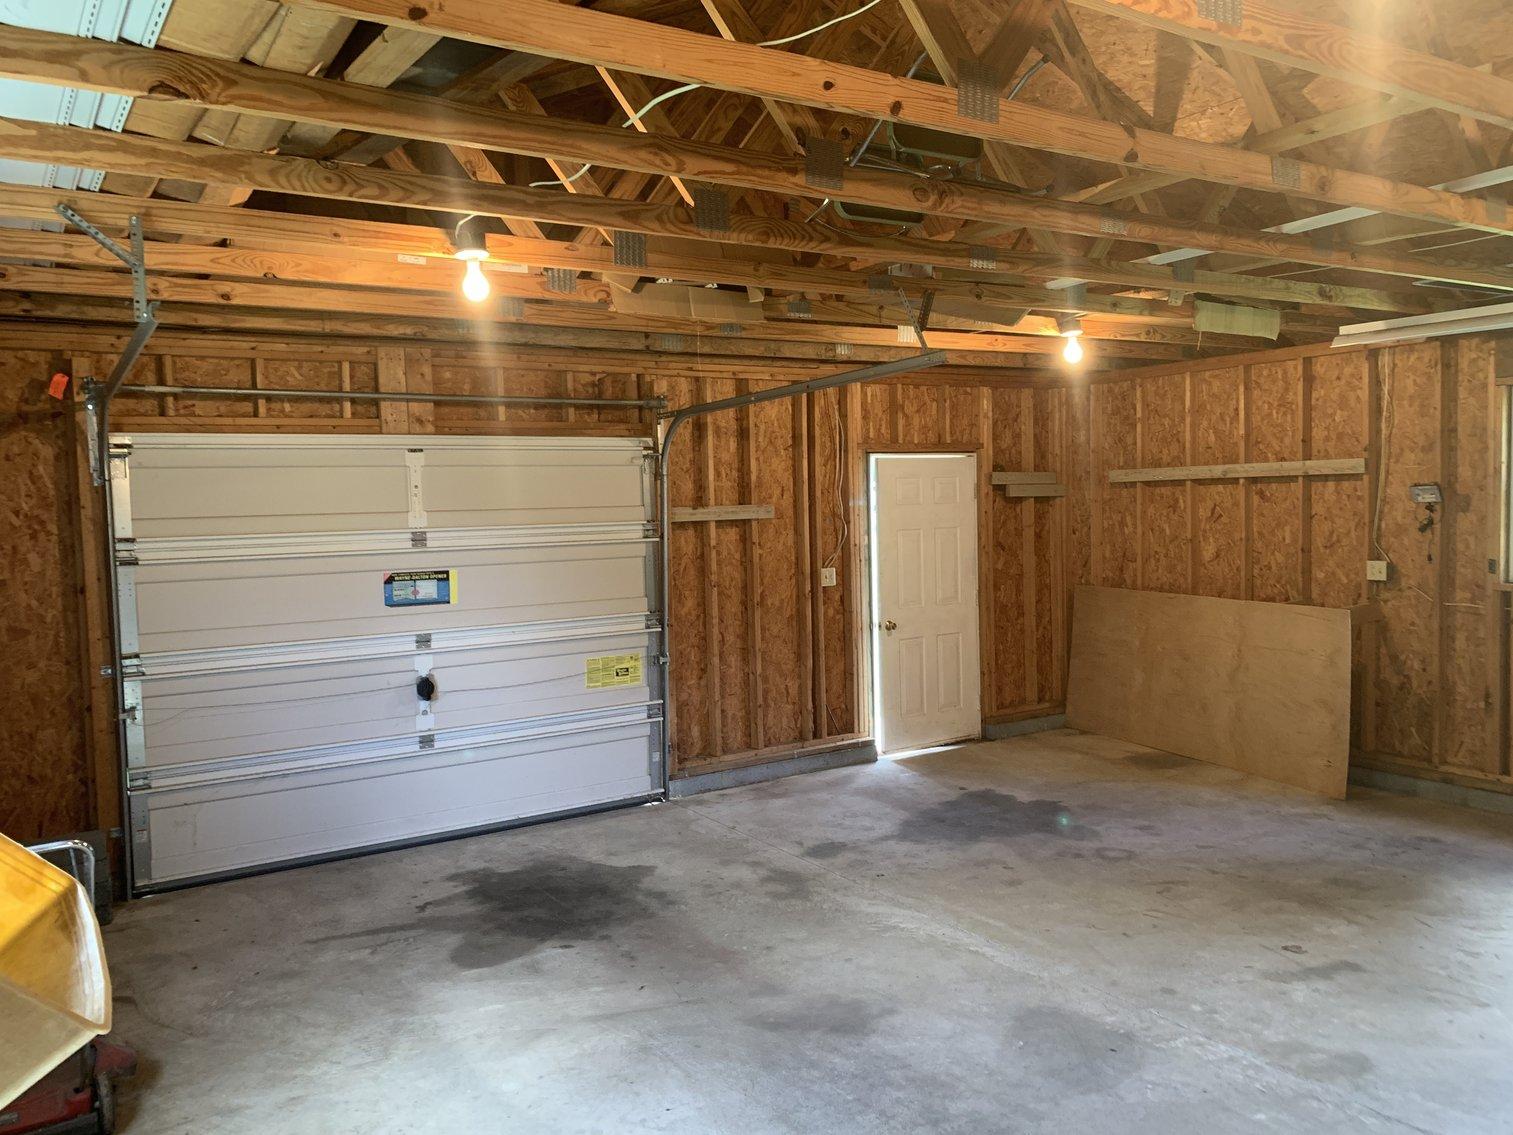 Image for 3 BR/2.5 BA Custom Built Home w/Detached Shop/Garage in King George, VA--SELLS to the HIGHEST BIDDER!!